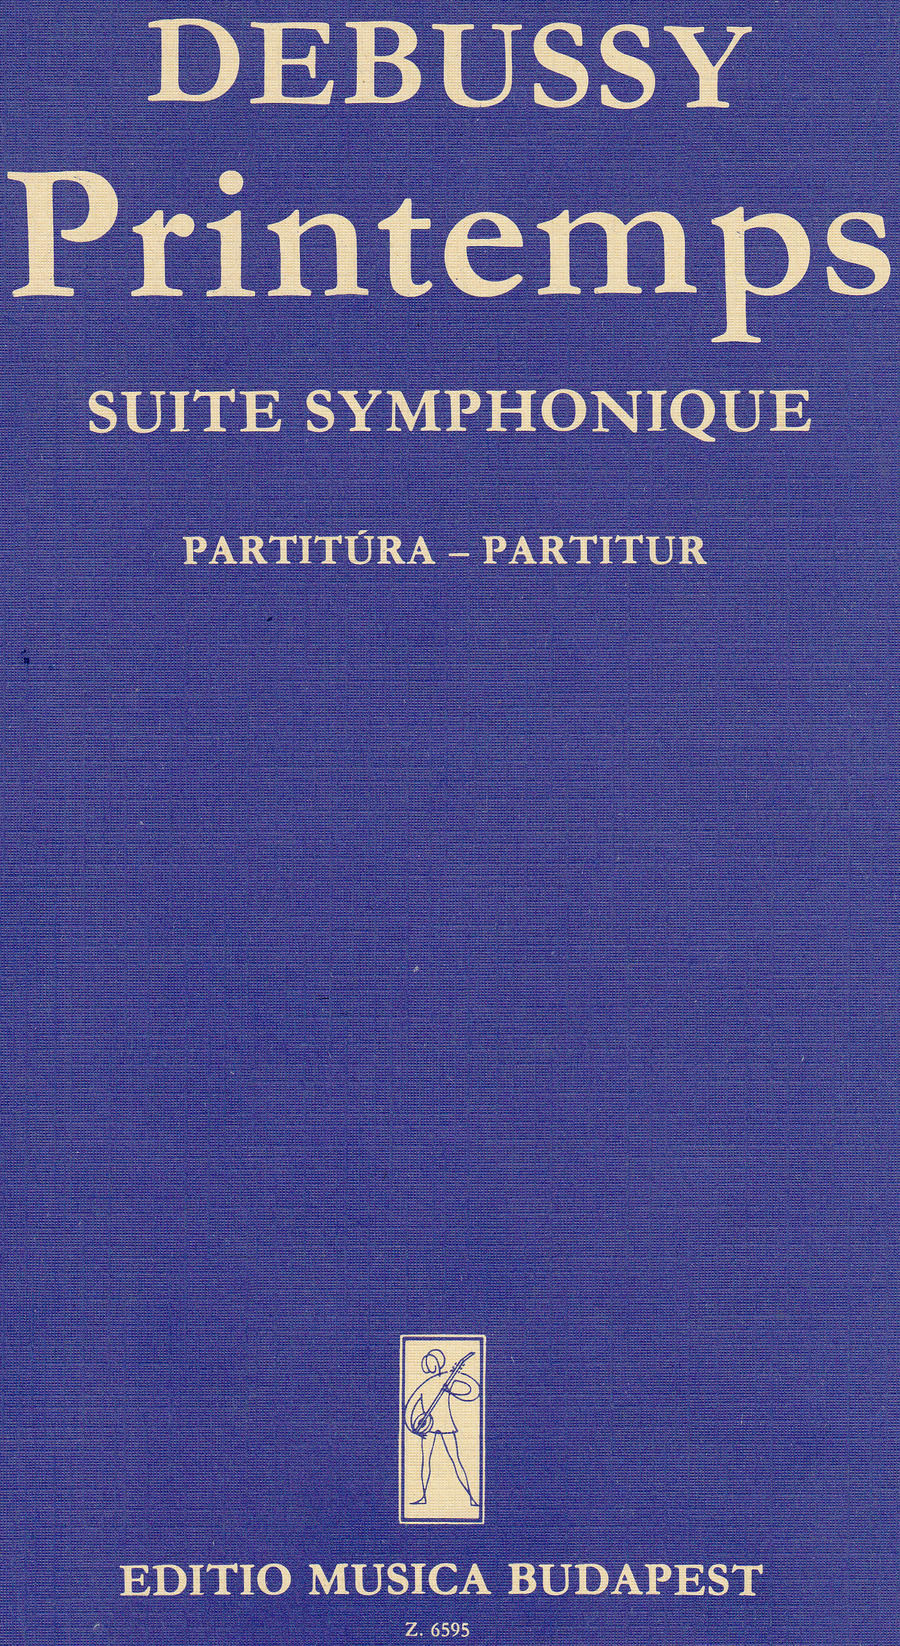 Debussy Printemps